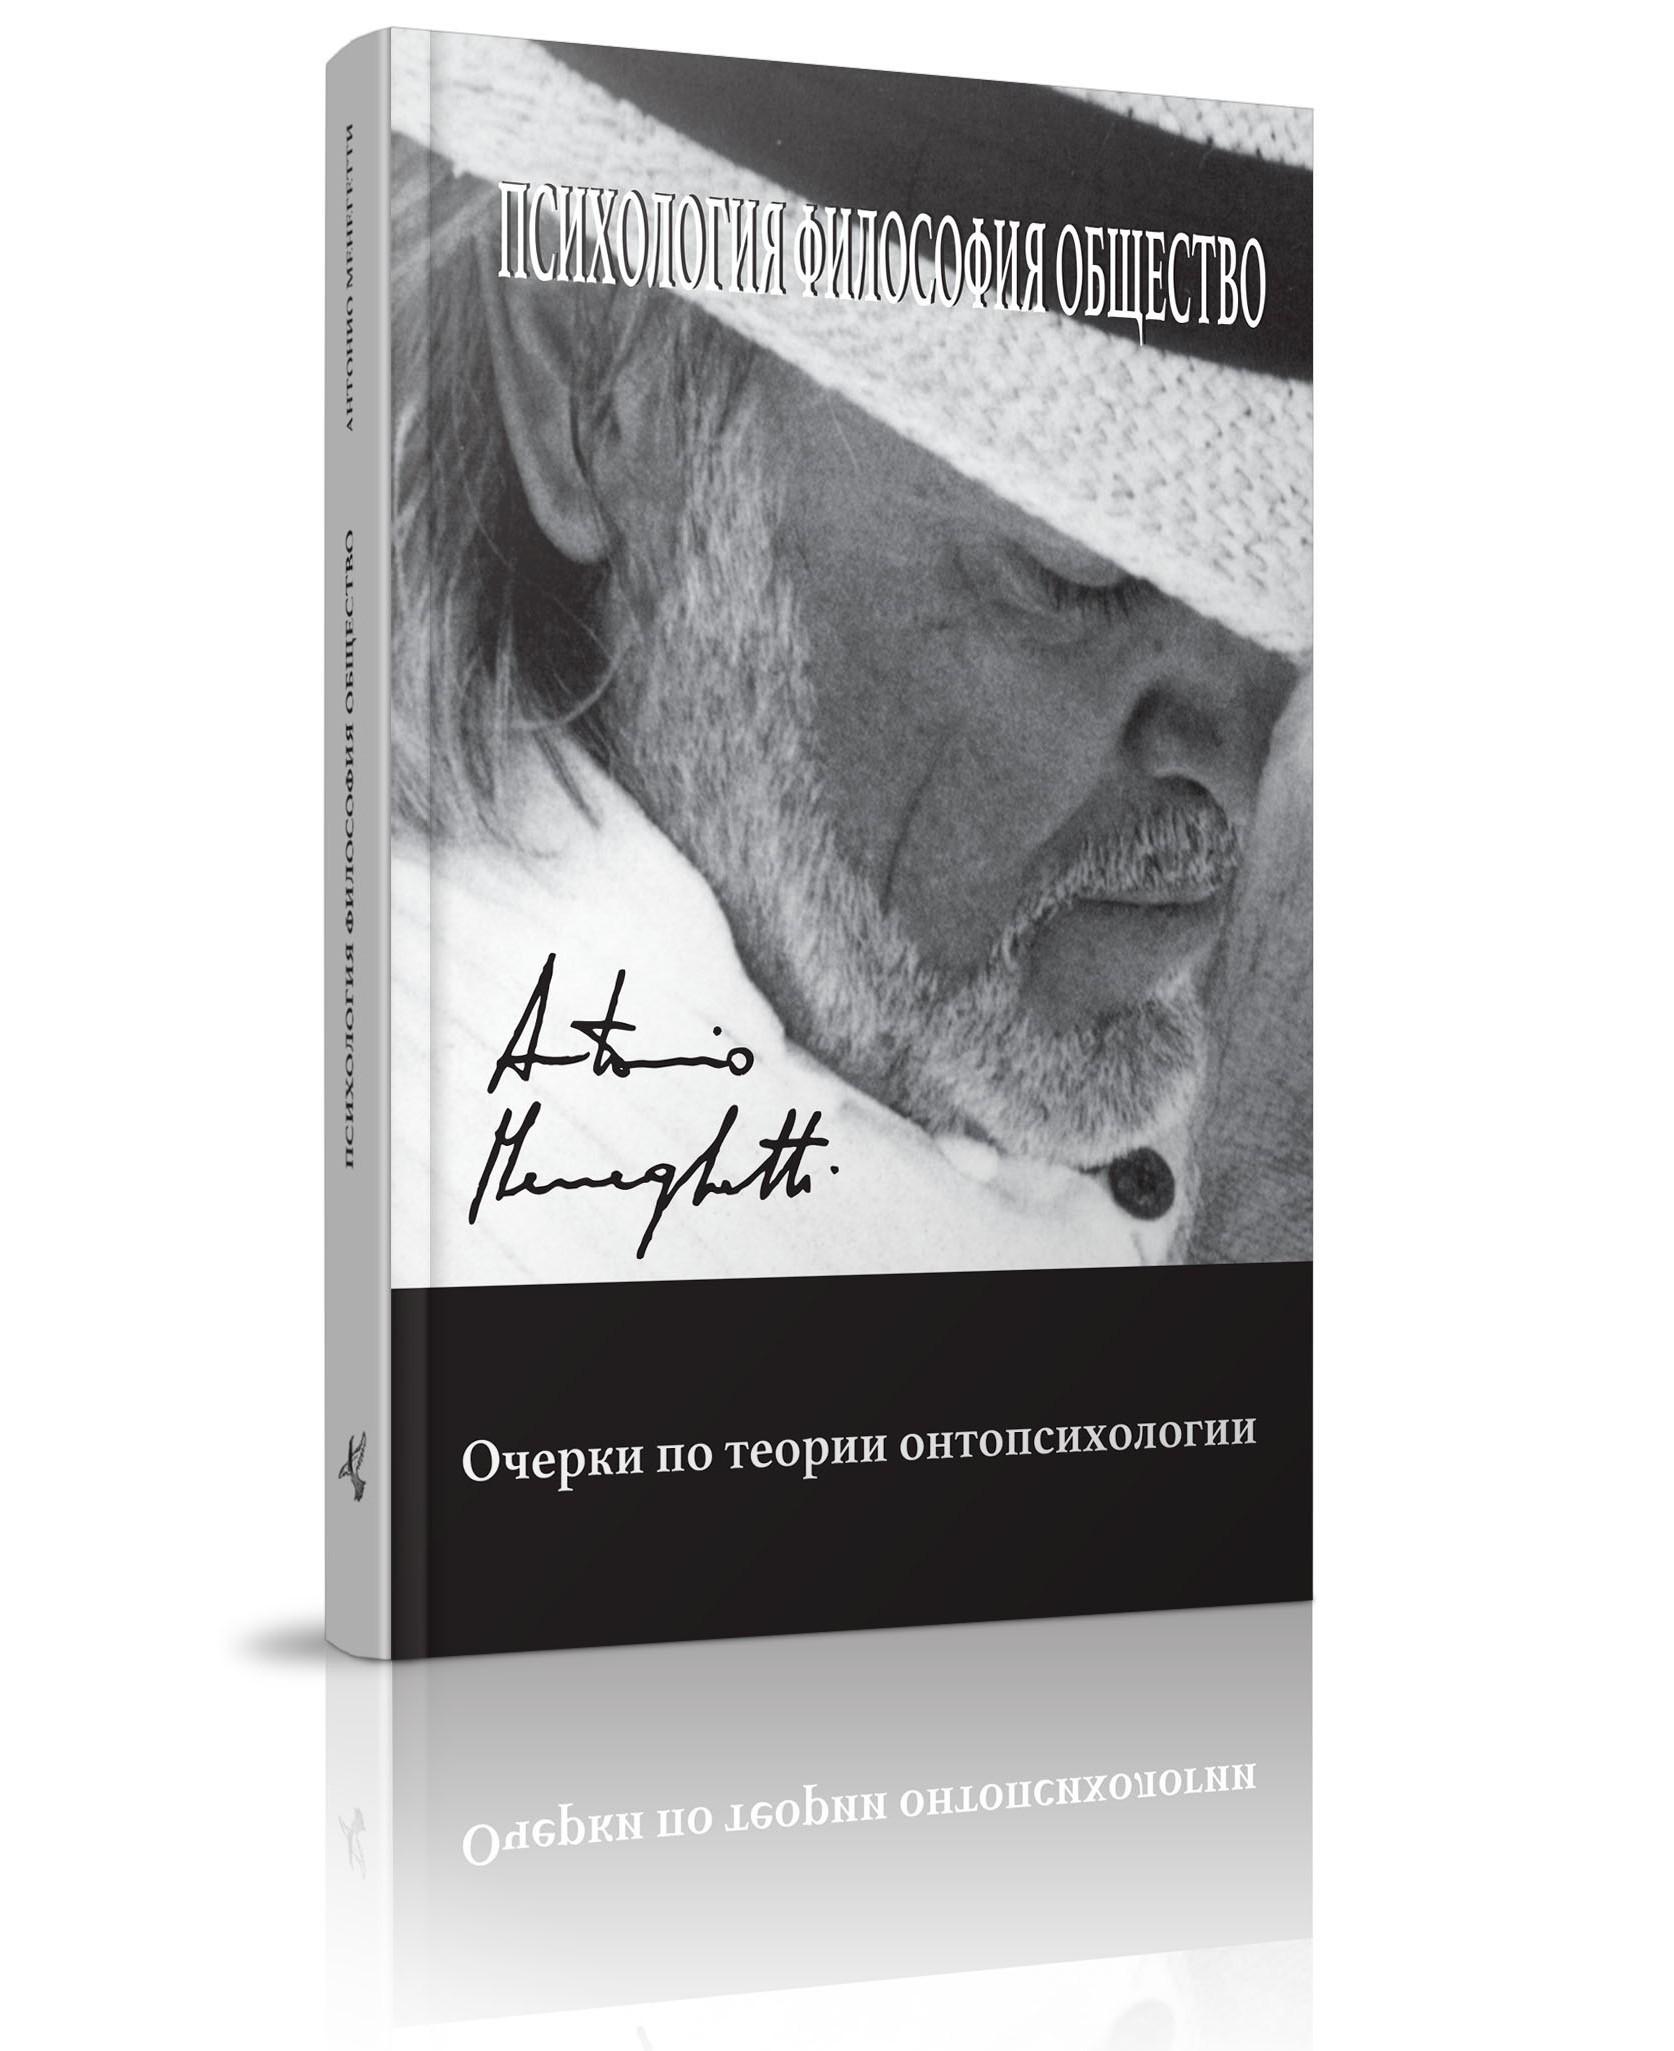 Психология Философия Общество книга Антонио Менегетти